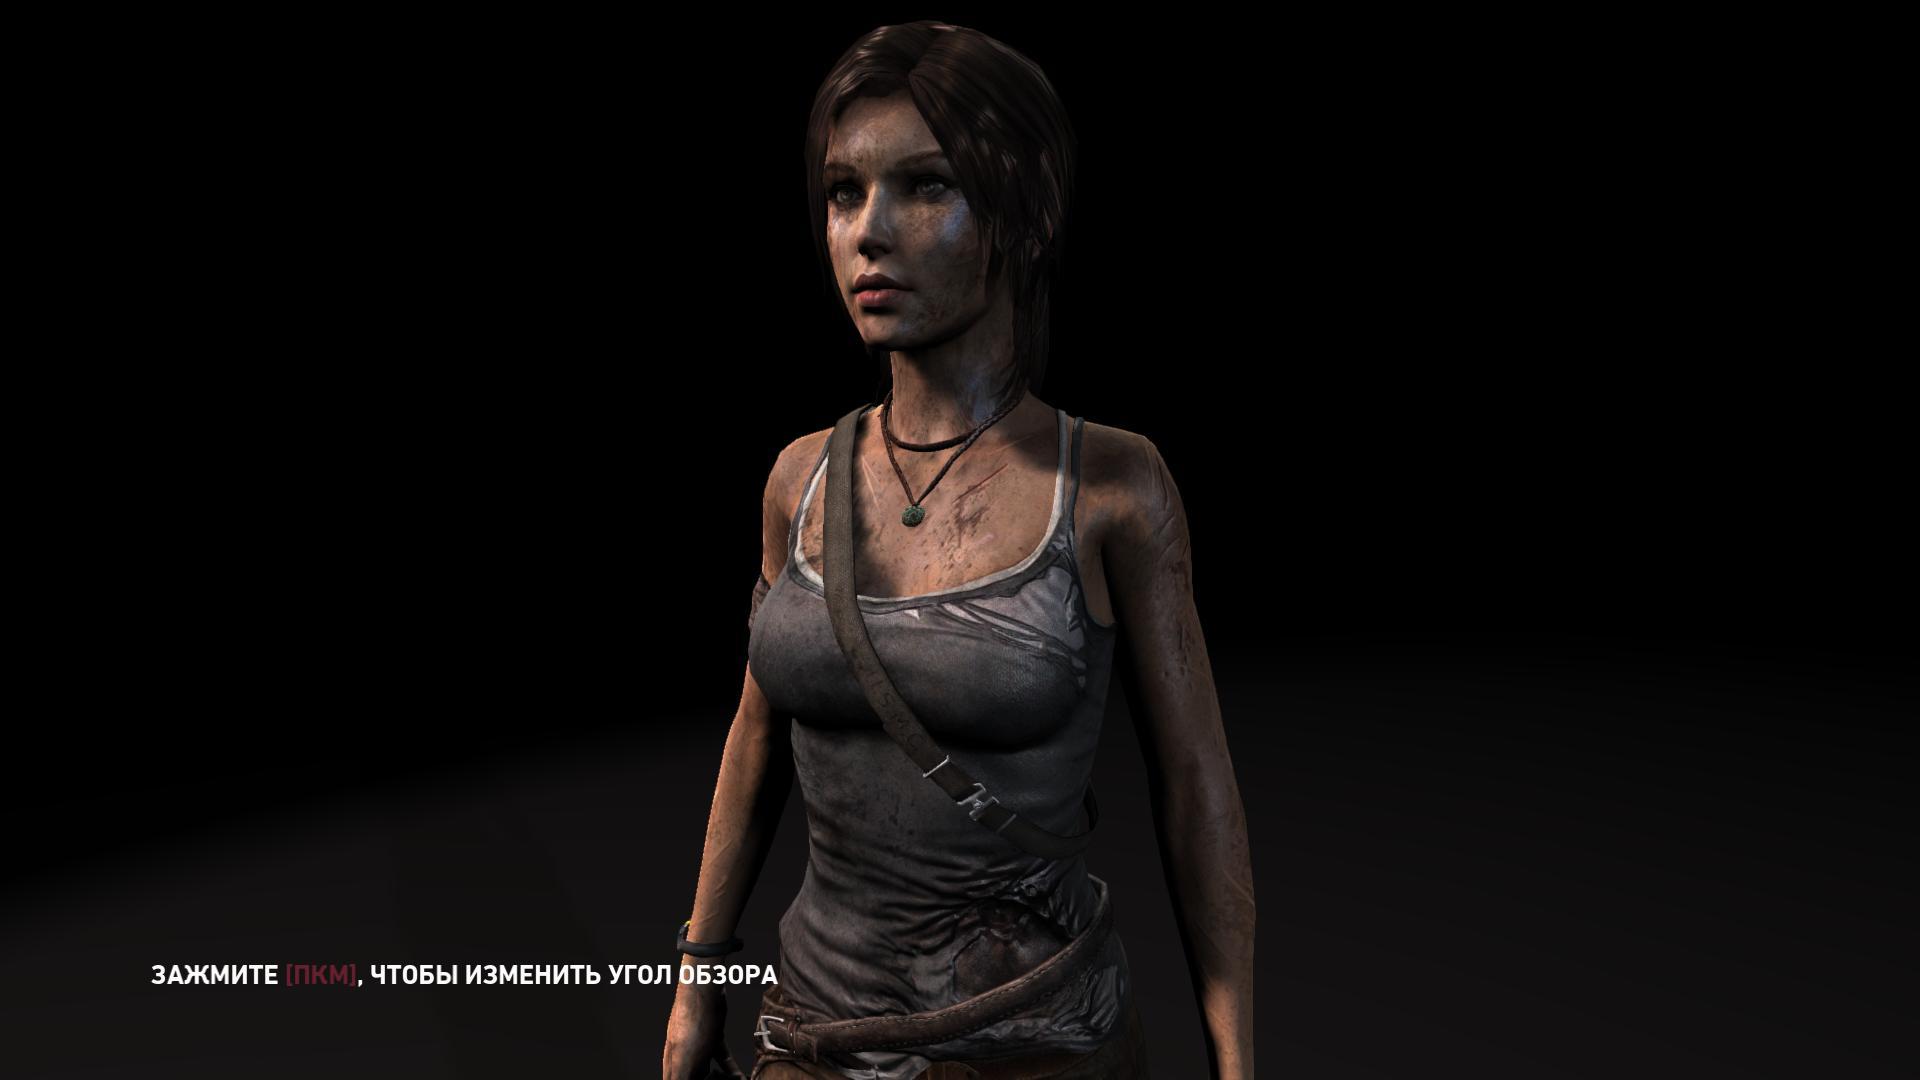 Лара - Tomb Raider (2013)